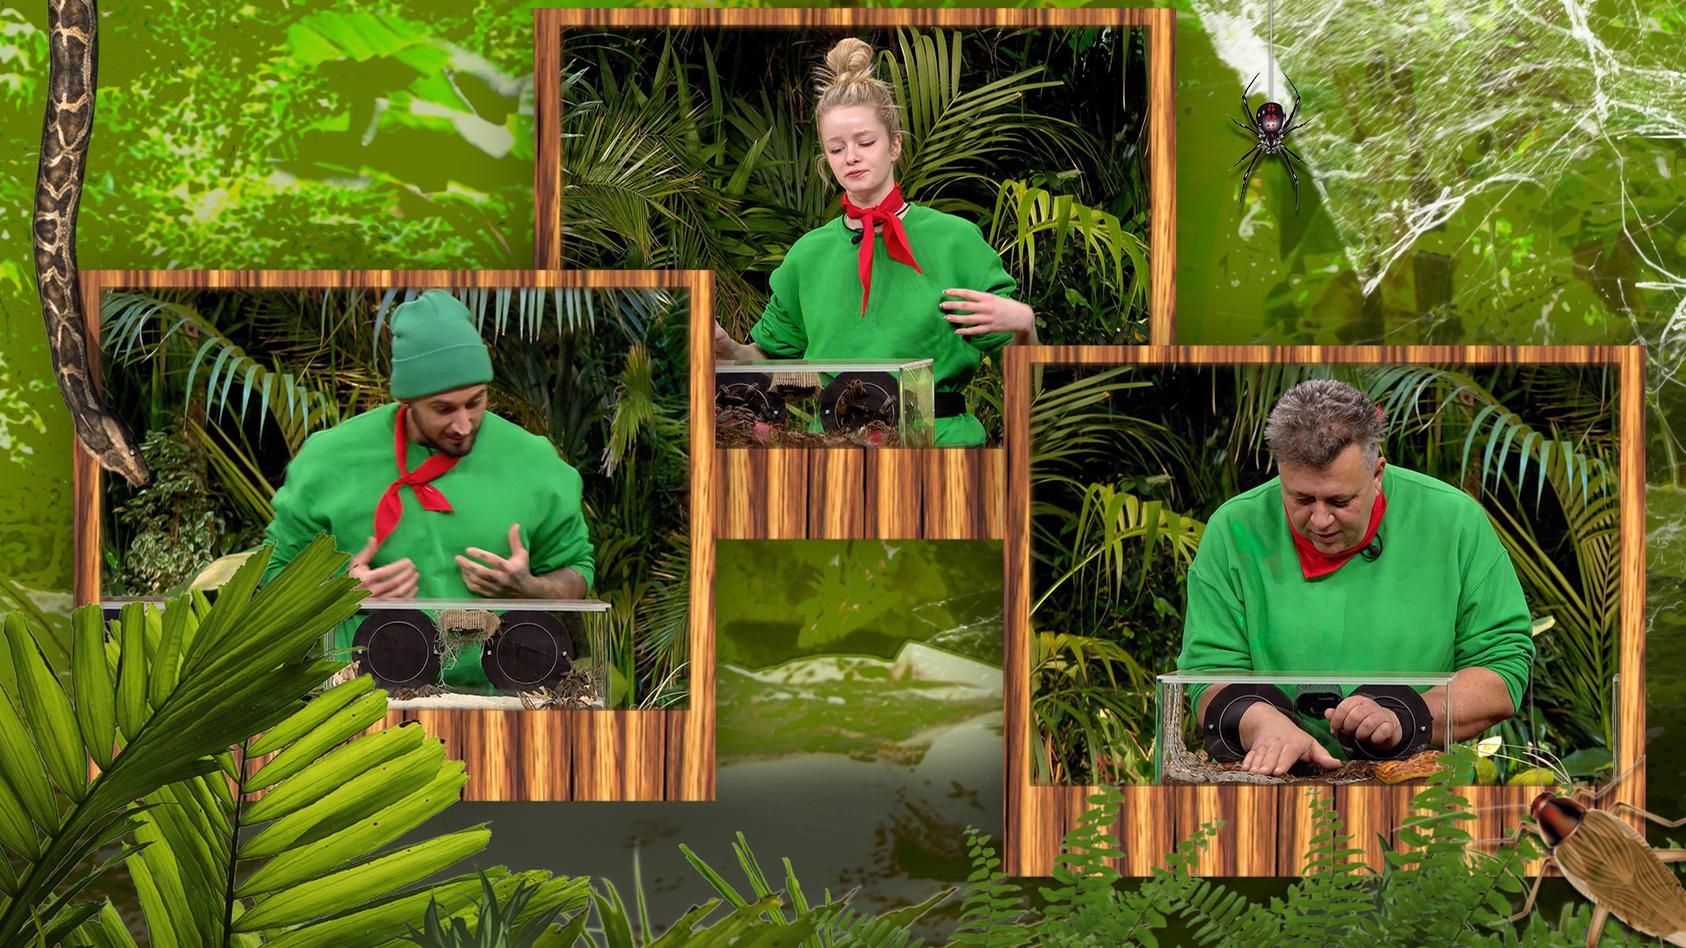 Dschungelshow: Mike Heiter, Zoe Saip und Frank Fussbroich bei ihrer zweiten Prüfung